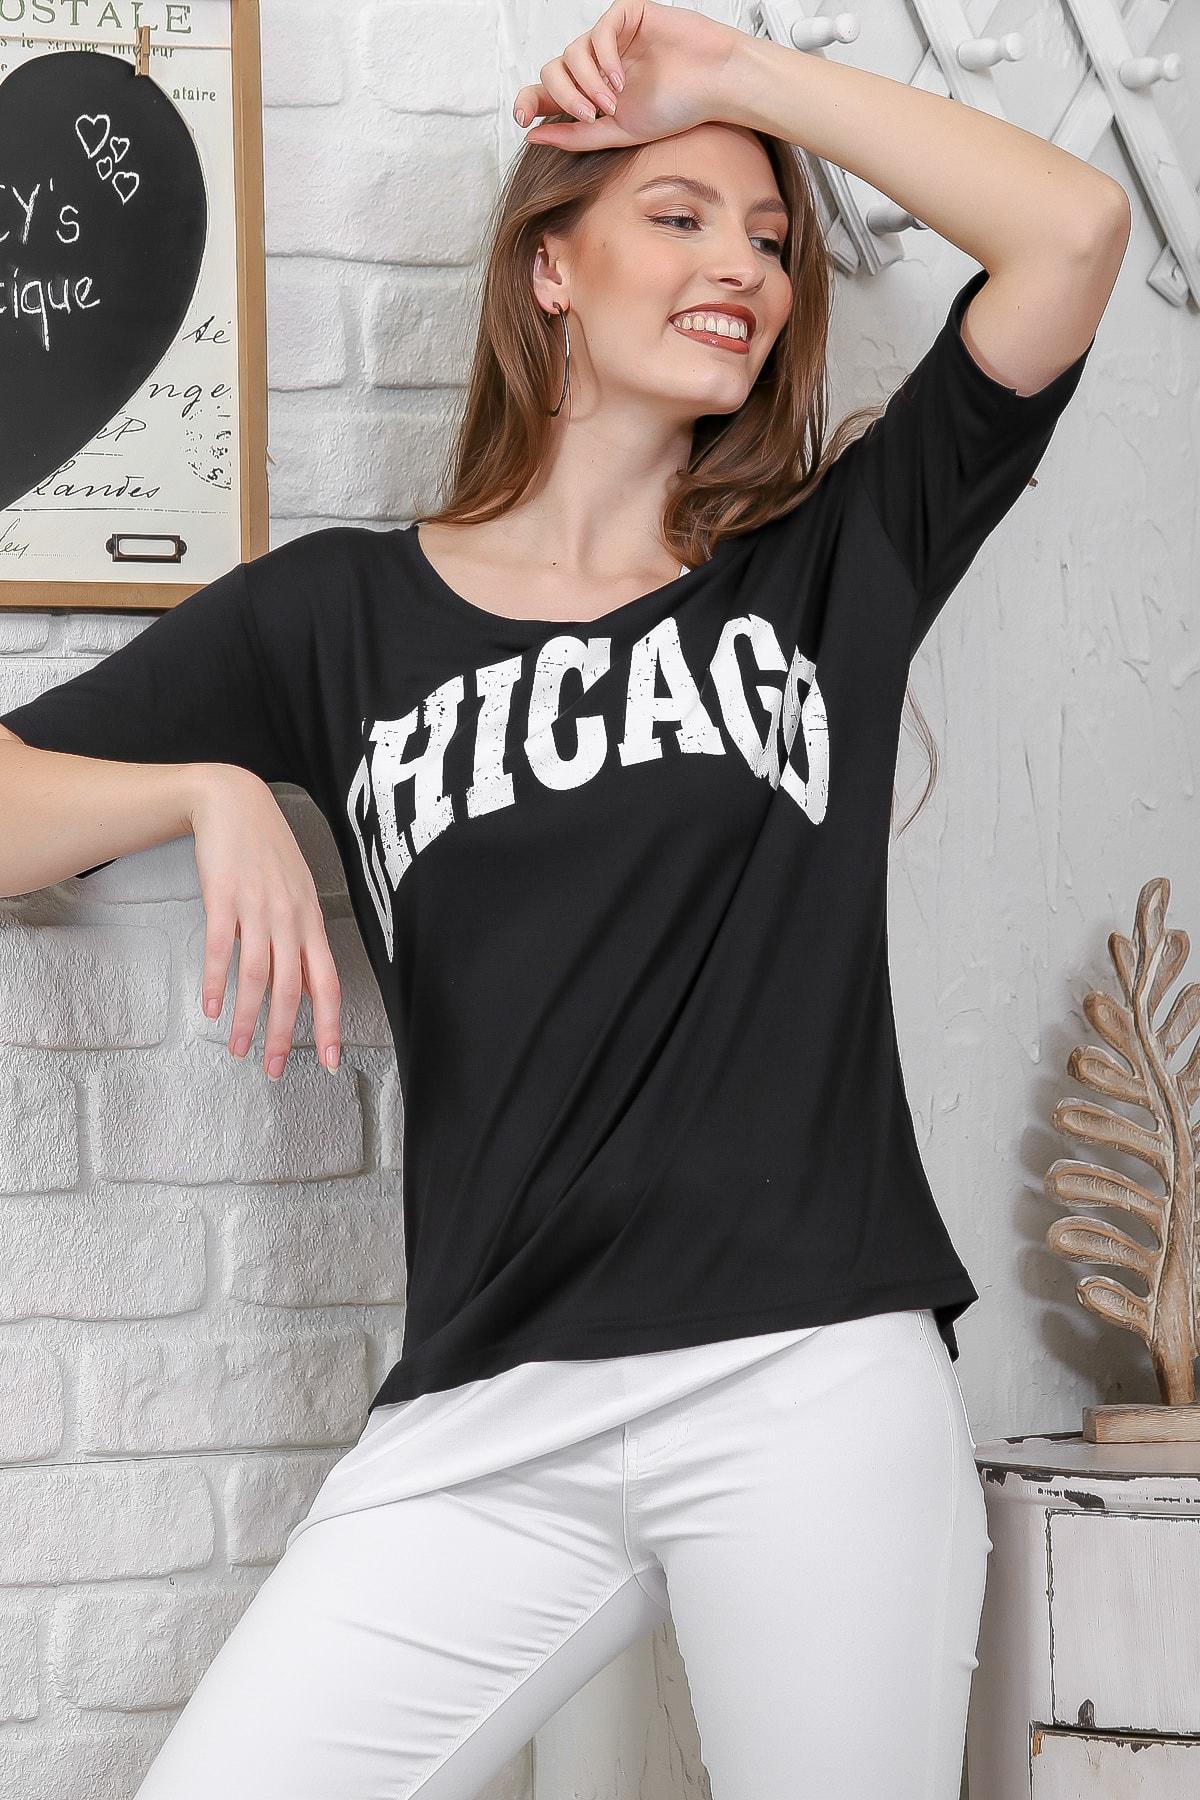 Chiccy Kadın Siyah Chıcago Baskılı Tek Omuz Askılı Etek Ucu Bloklu T-Shirt M10010300TS98274 3